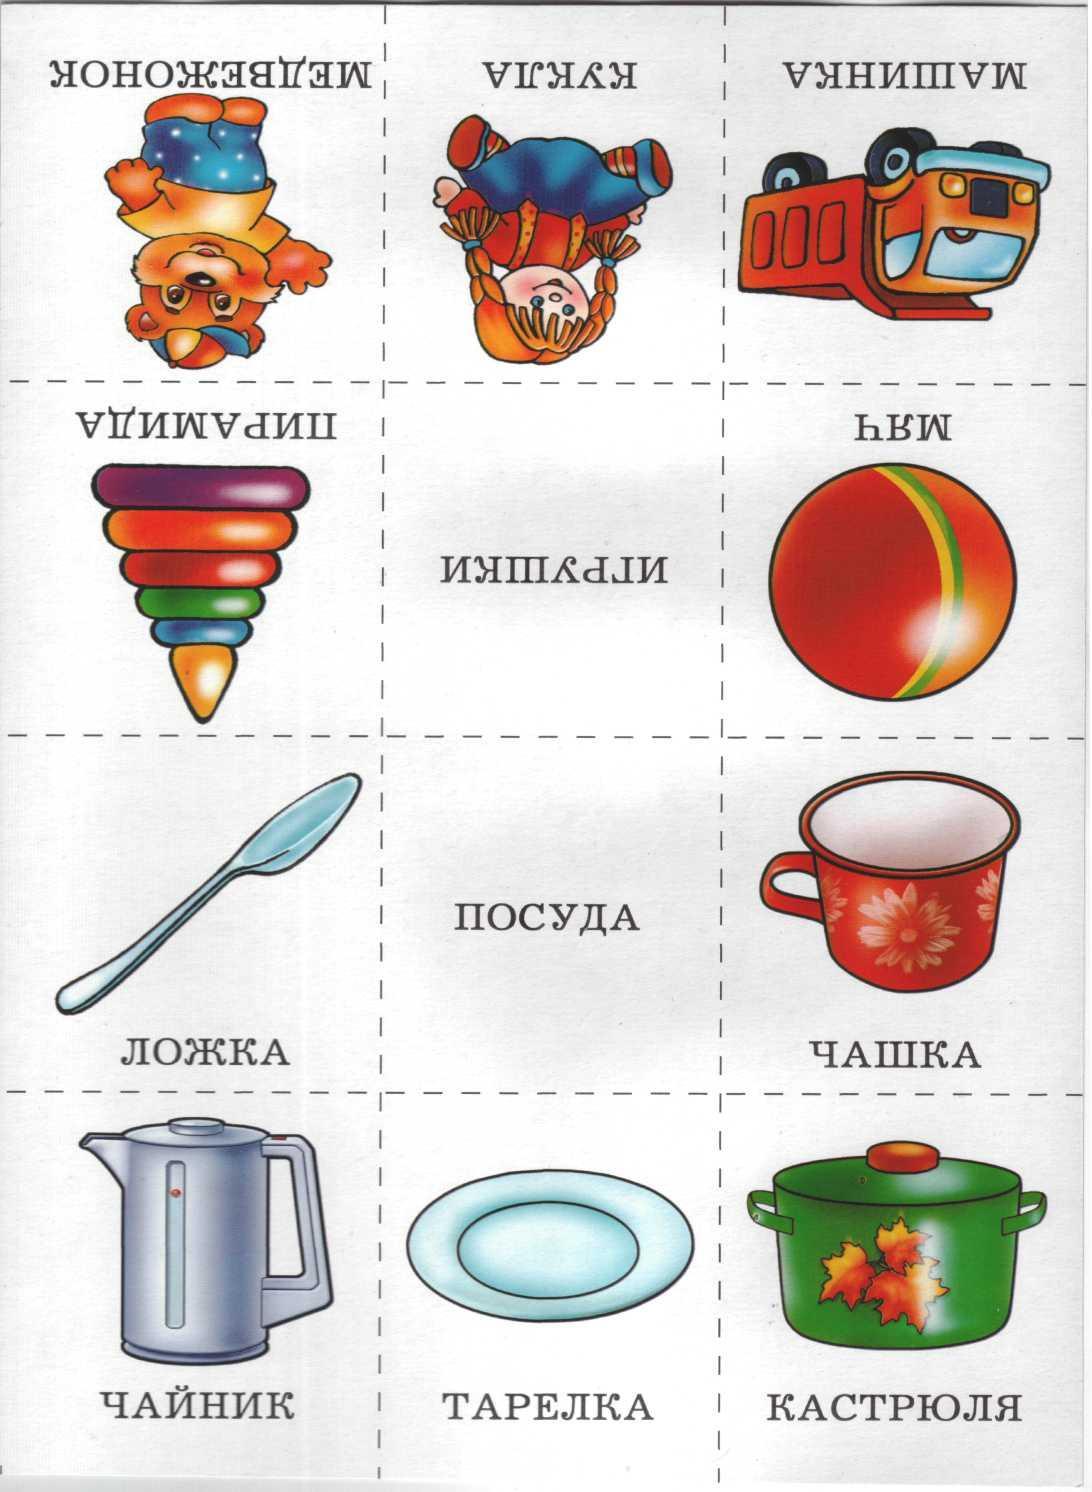 Предметы картинки для детей разные по назначению